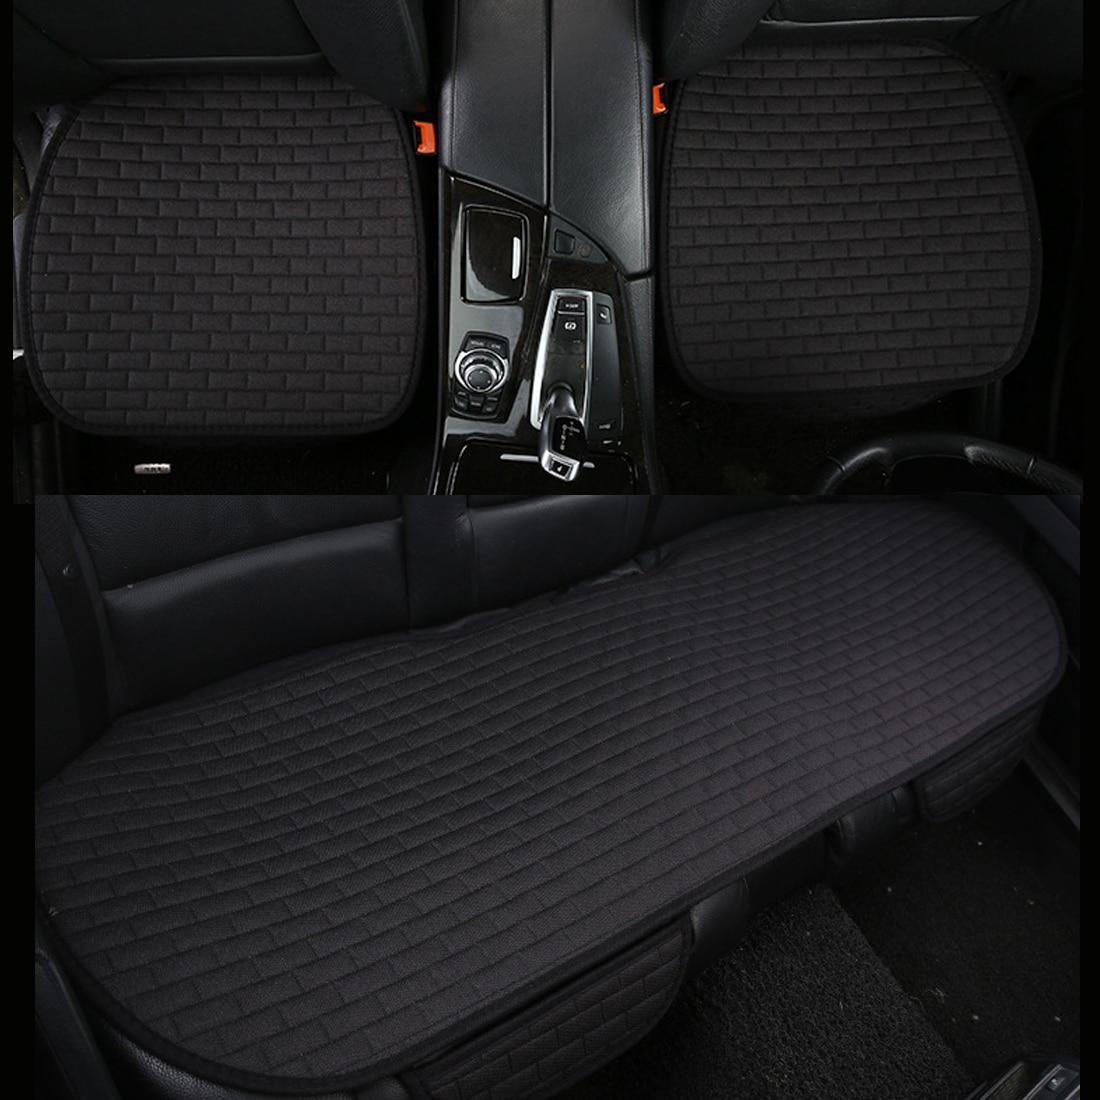 Dewtreetali льна сиденья универсальный дышащая сиденье защитник автокресло Подушки Pad Автомобиль-Стайлинг для Peugeot 307 Ford Focus 2